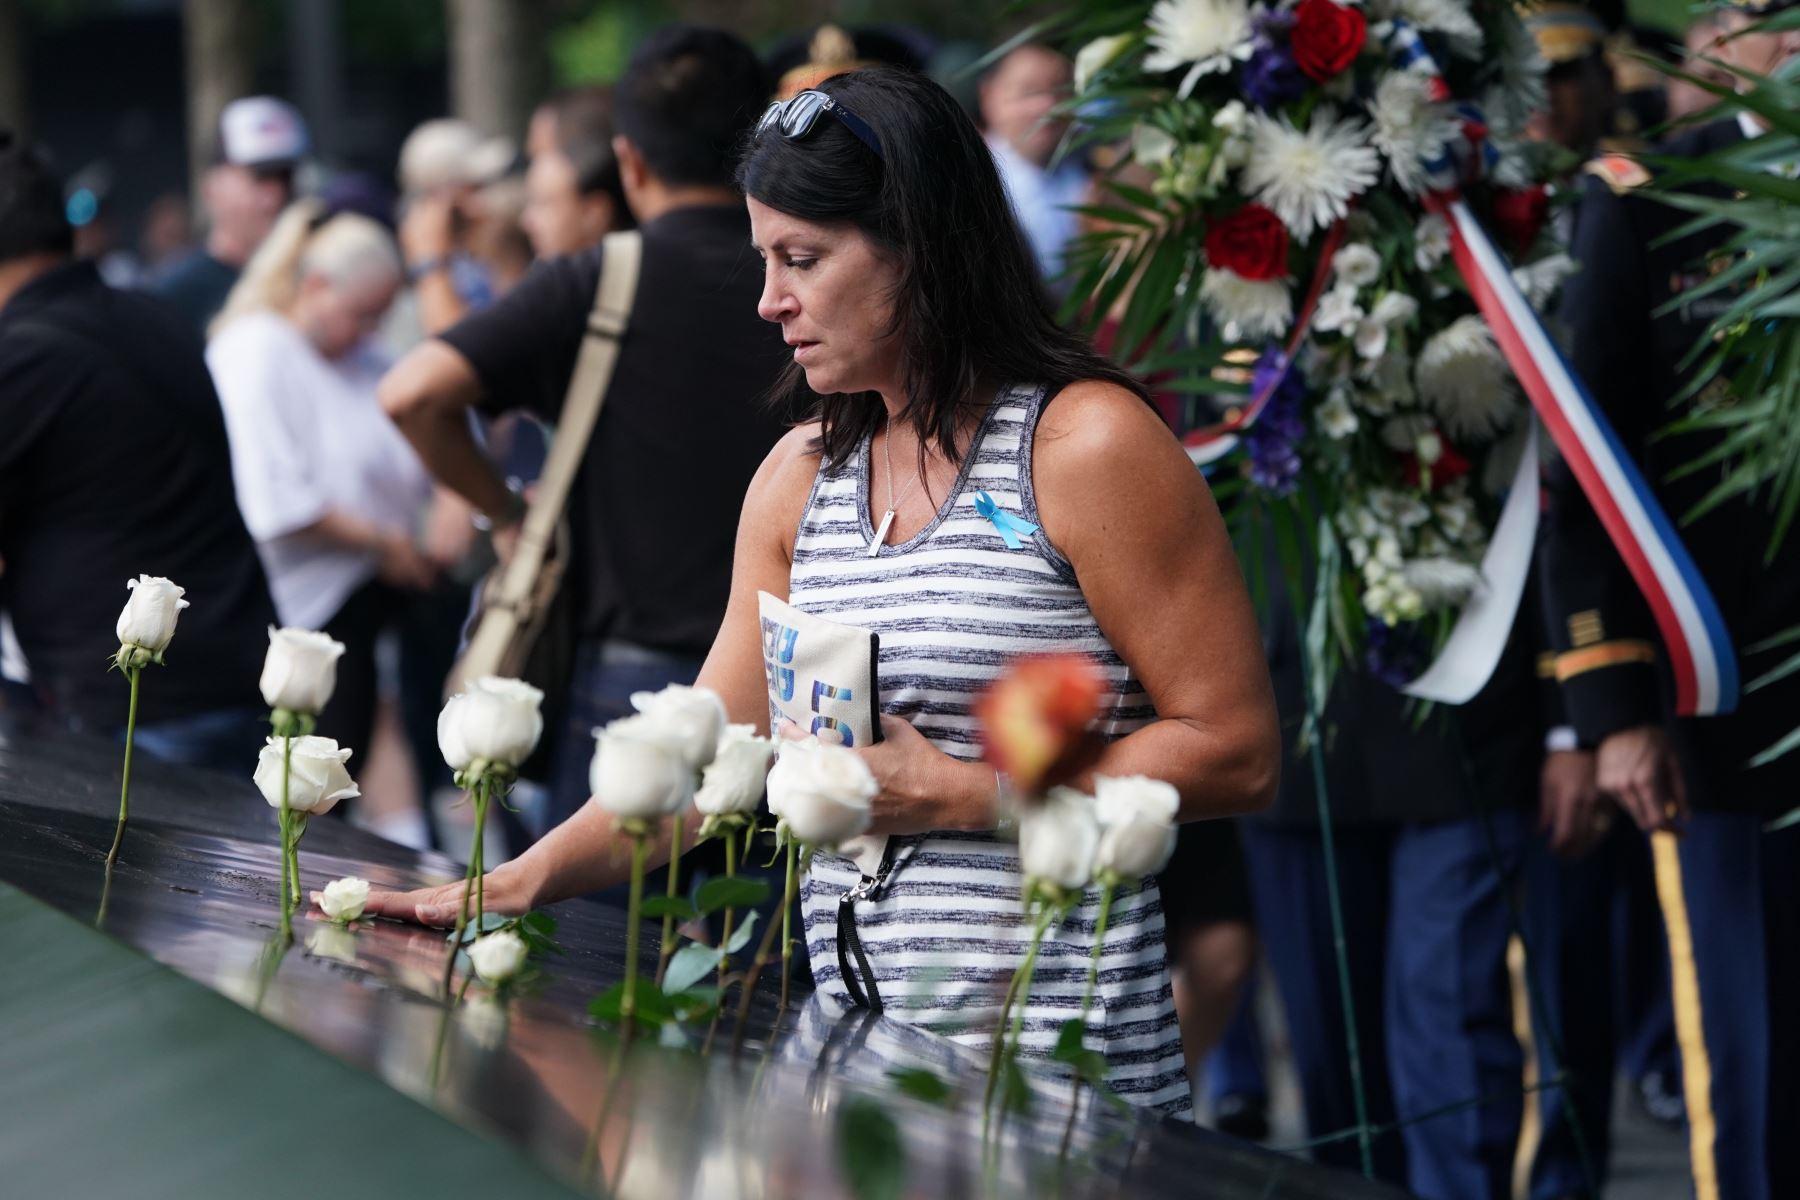 La gente deja flores durante la Ceremonia de Conmemoración del 11 de septiembre en el 9/11 Memorial en el World Trade Center  en Nueva York. Foto :AFP